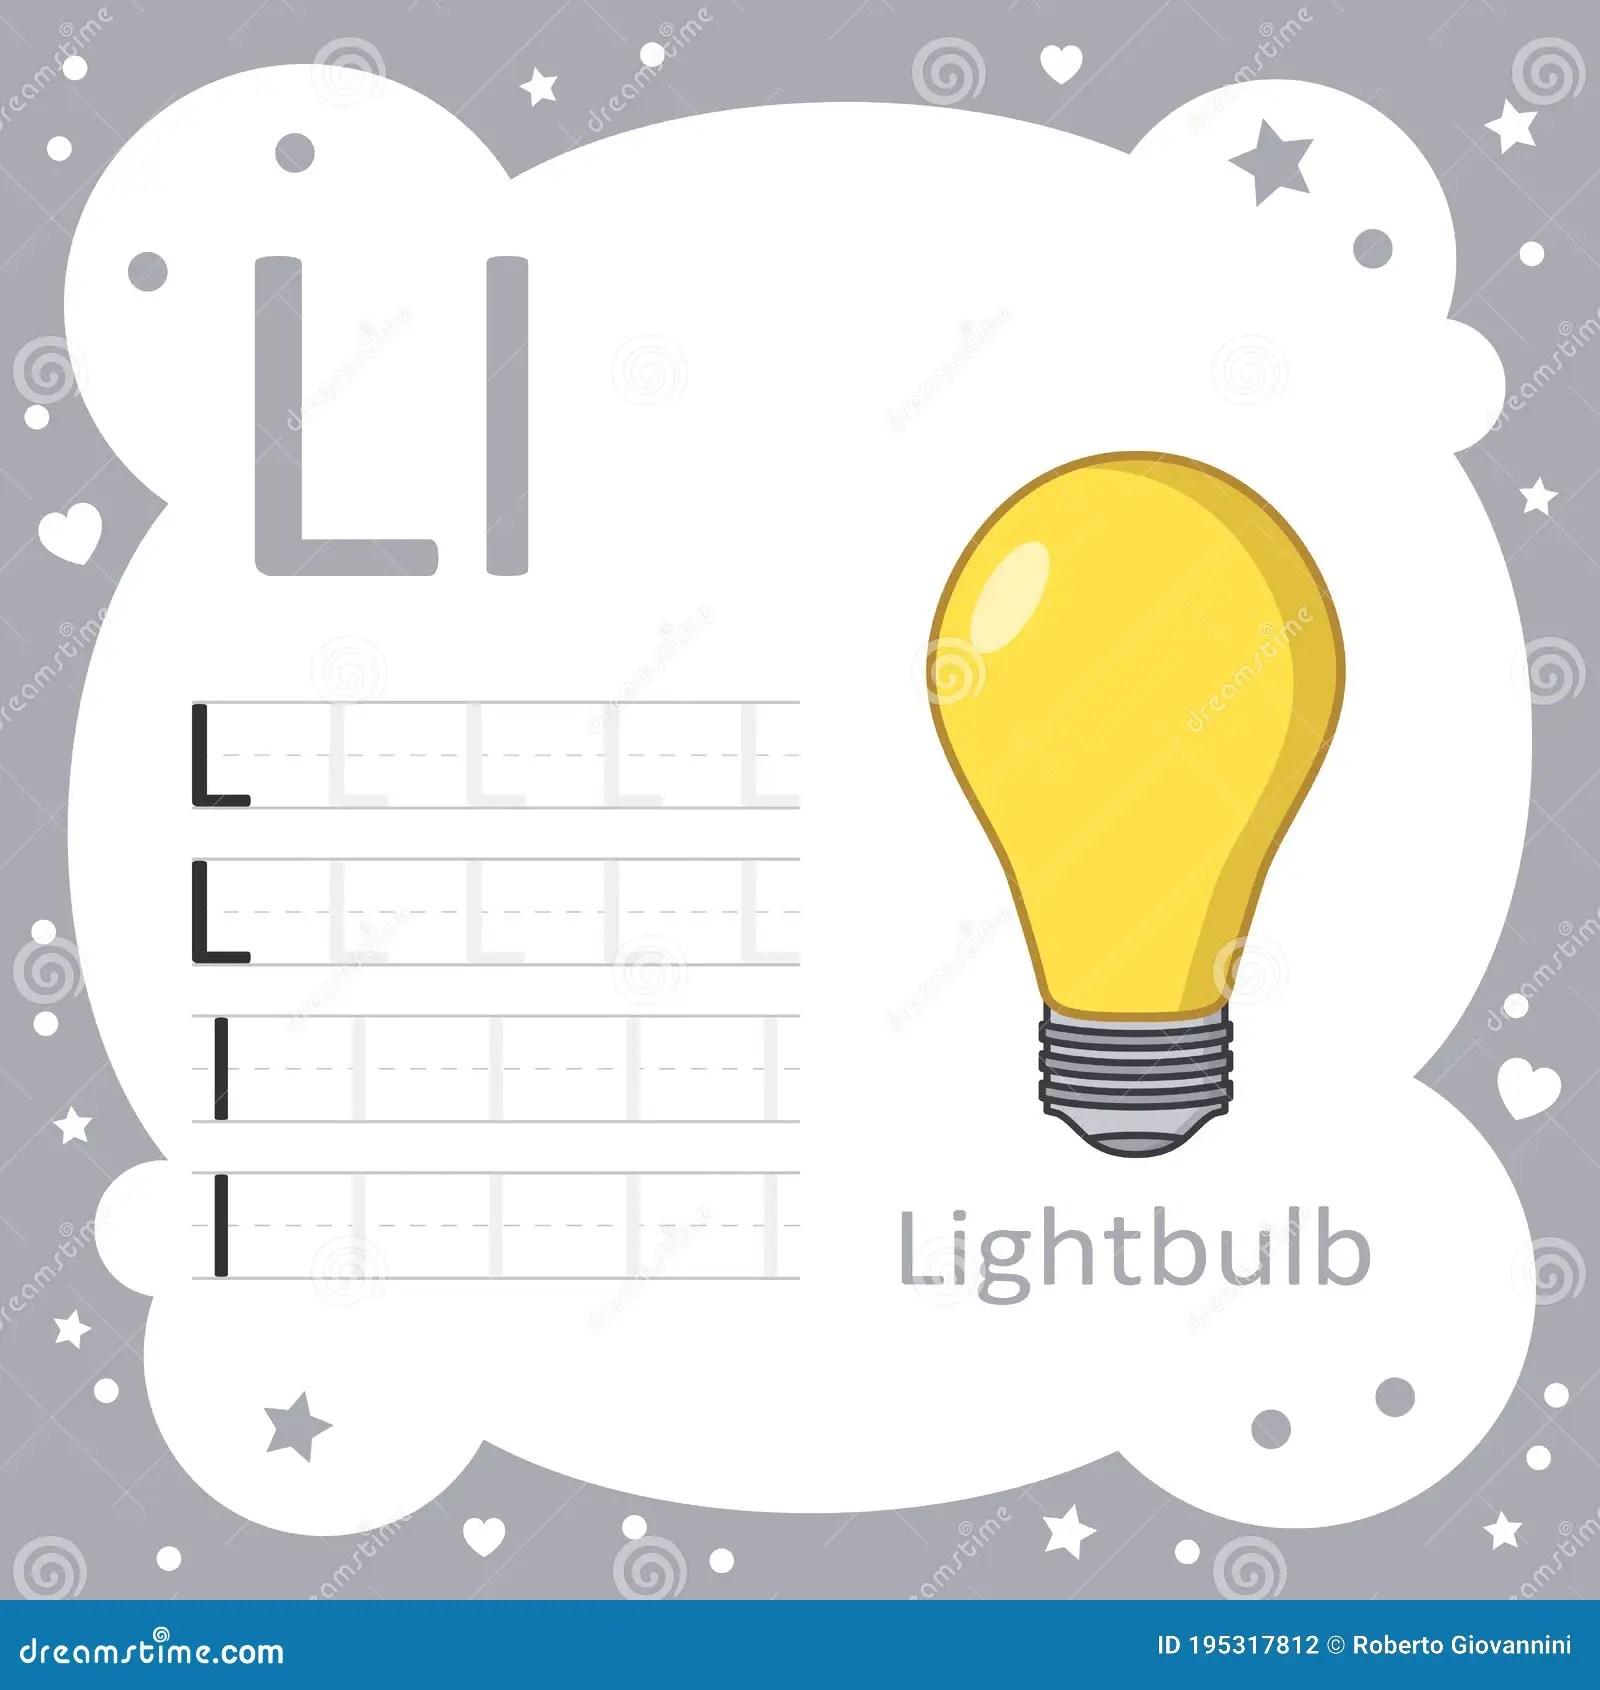 Learning Alphabet Letters Light Bulb Stock Vector